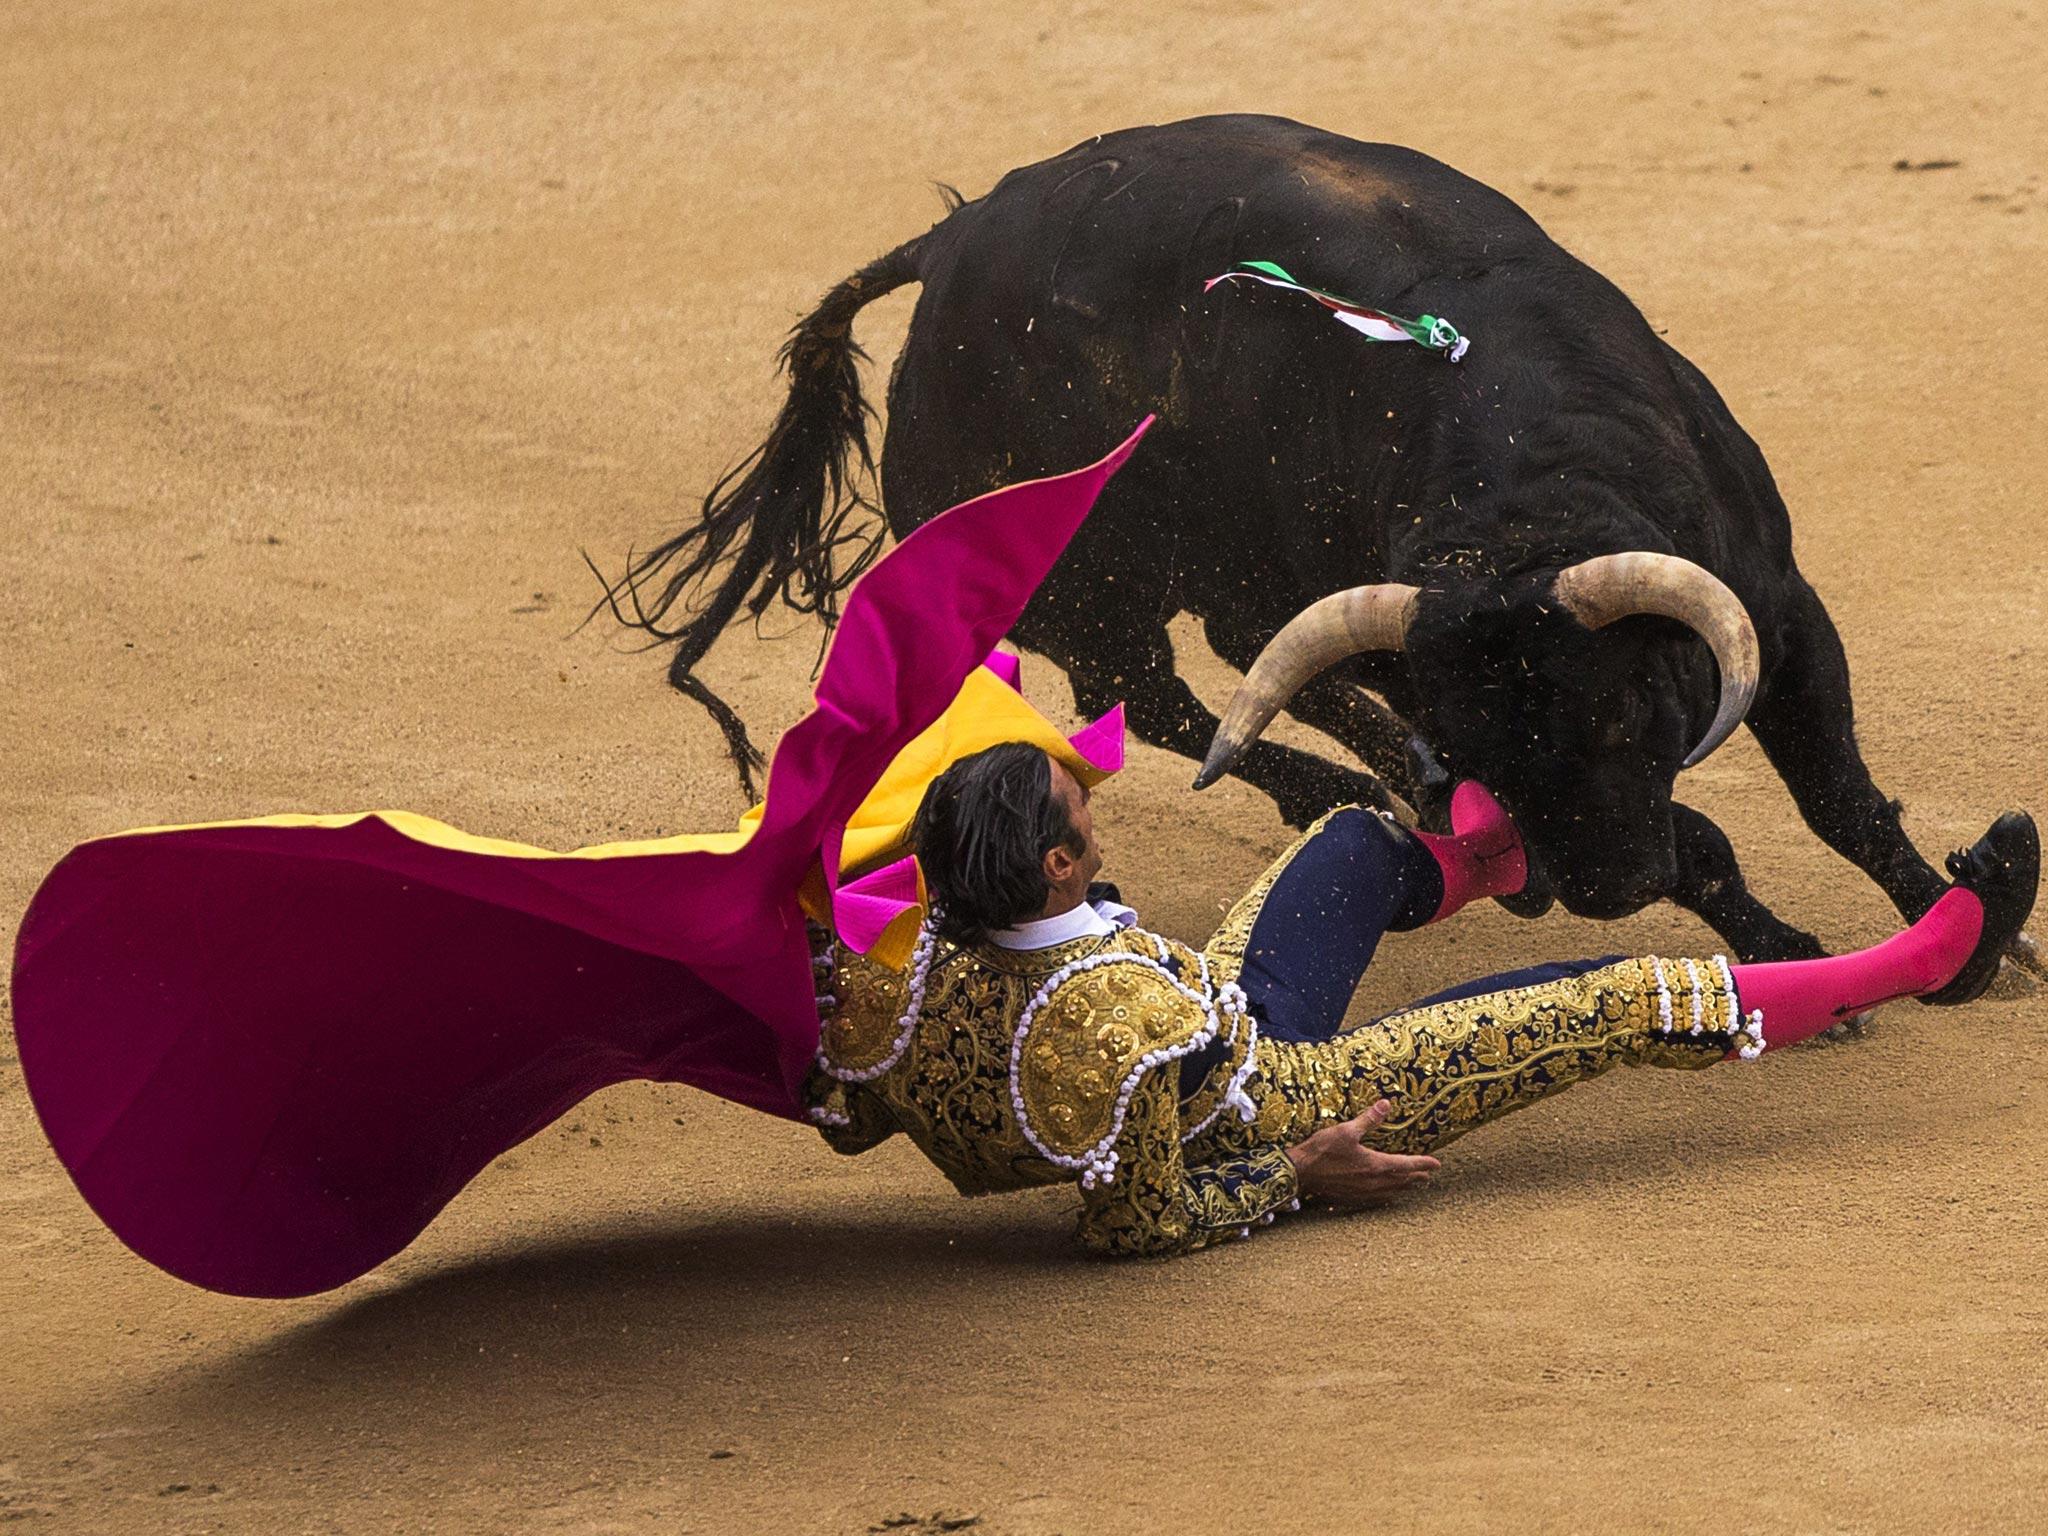 cgi bull fight x wallpaper High Quality WallpapersHigh